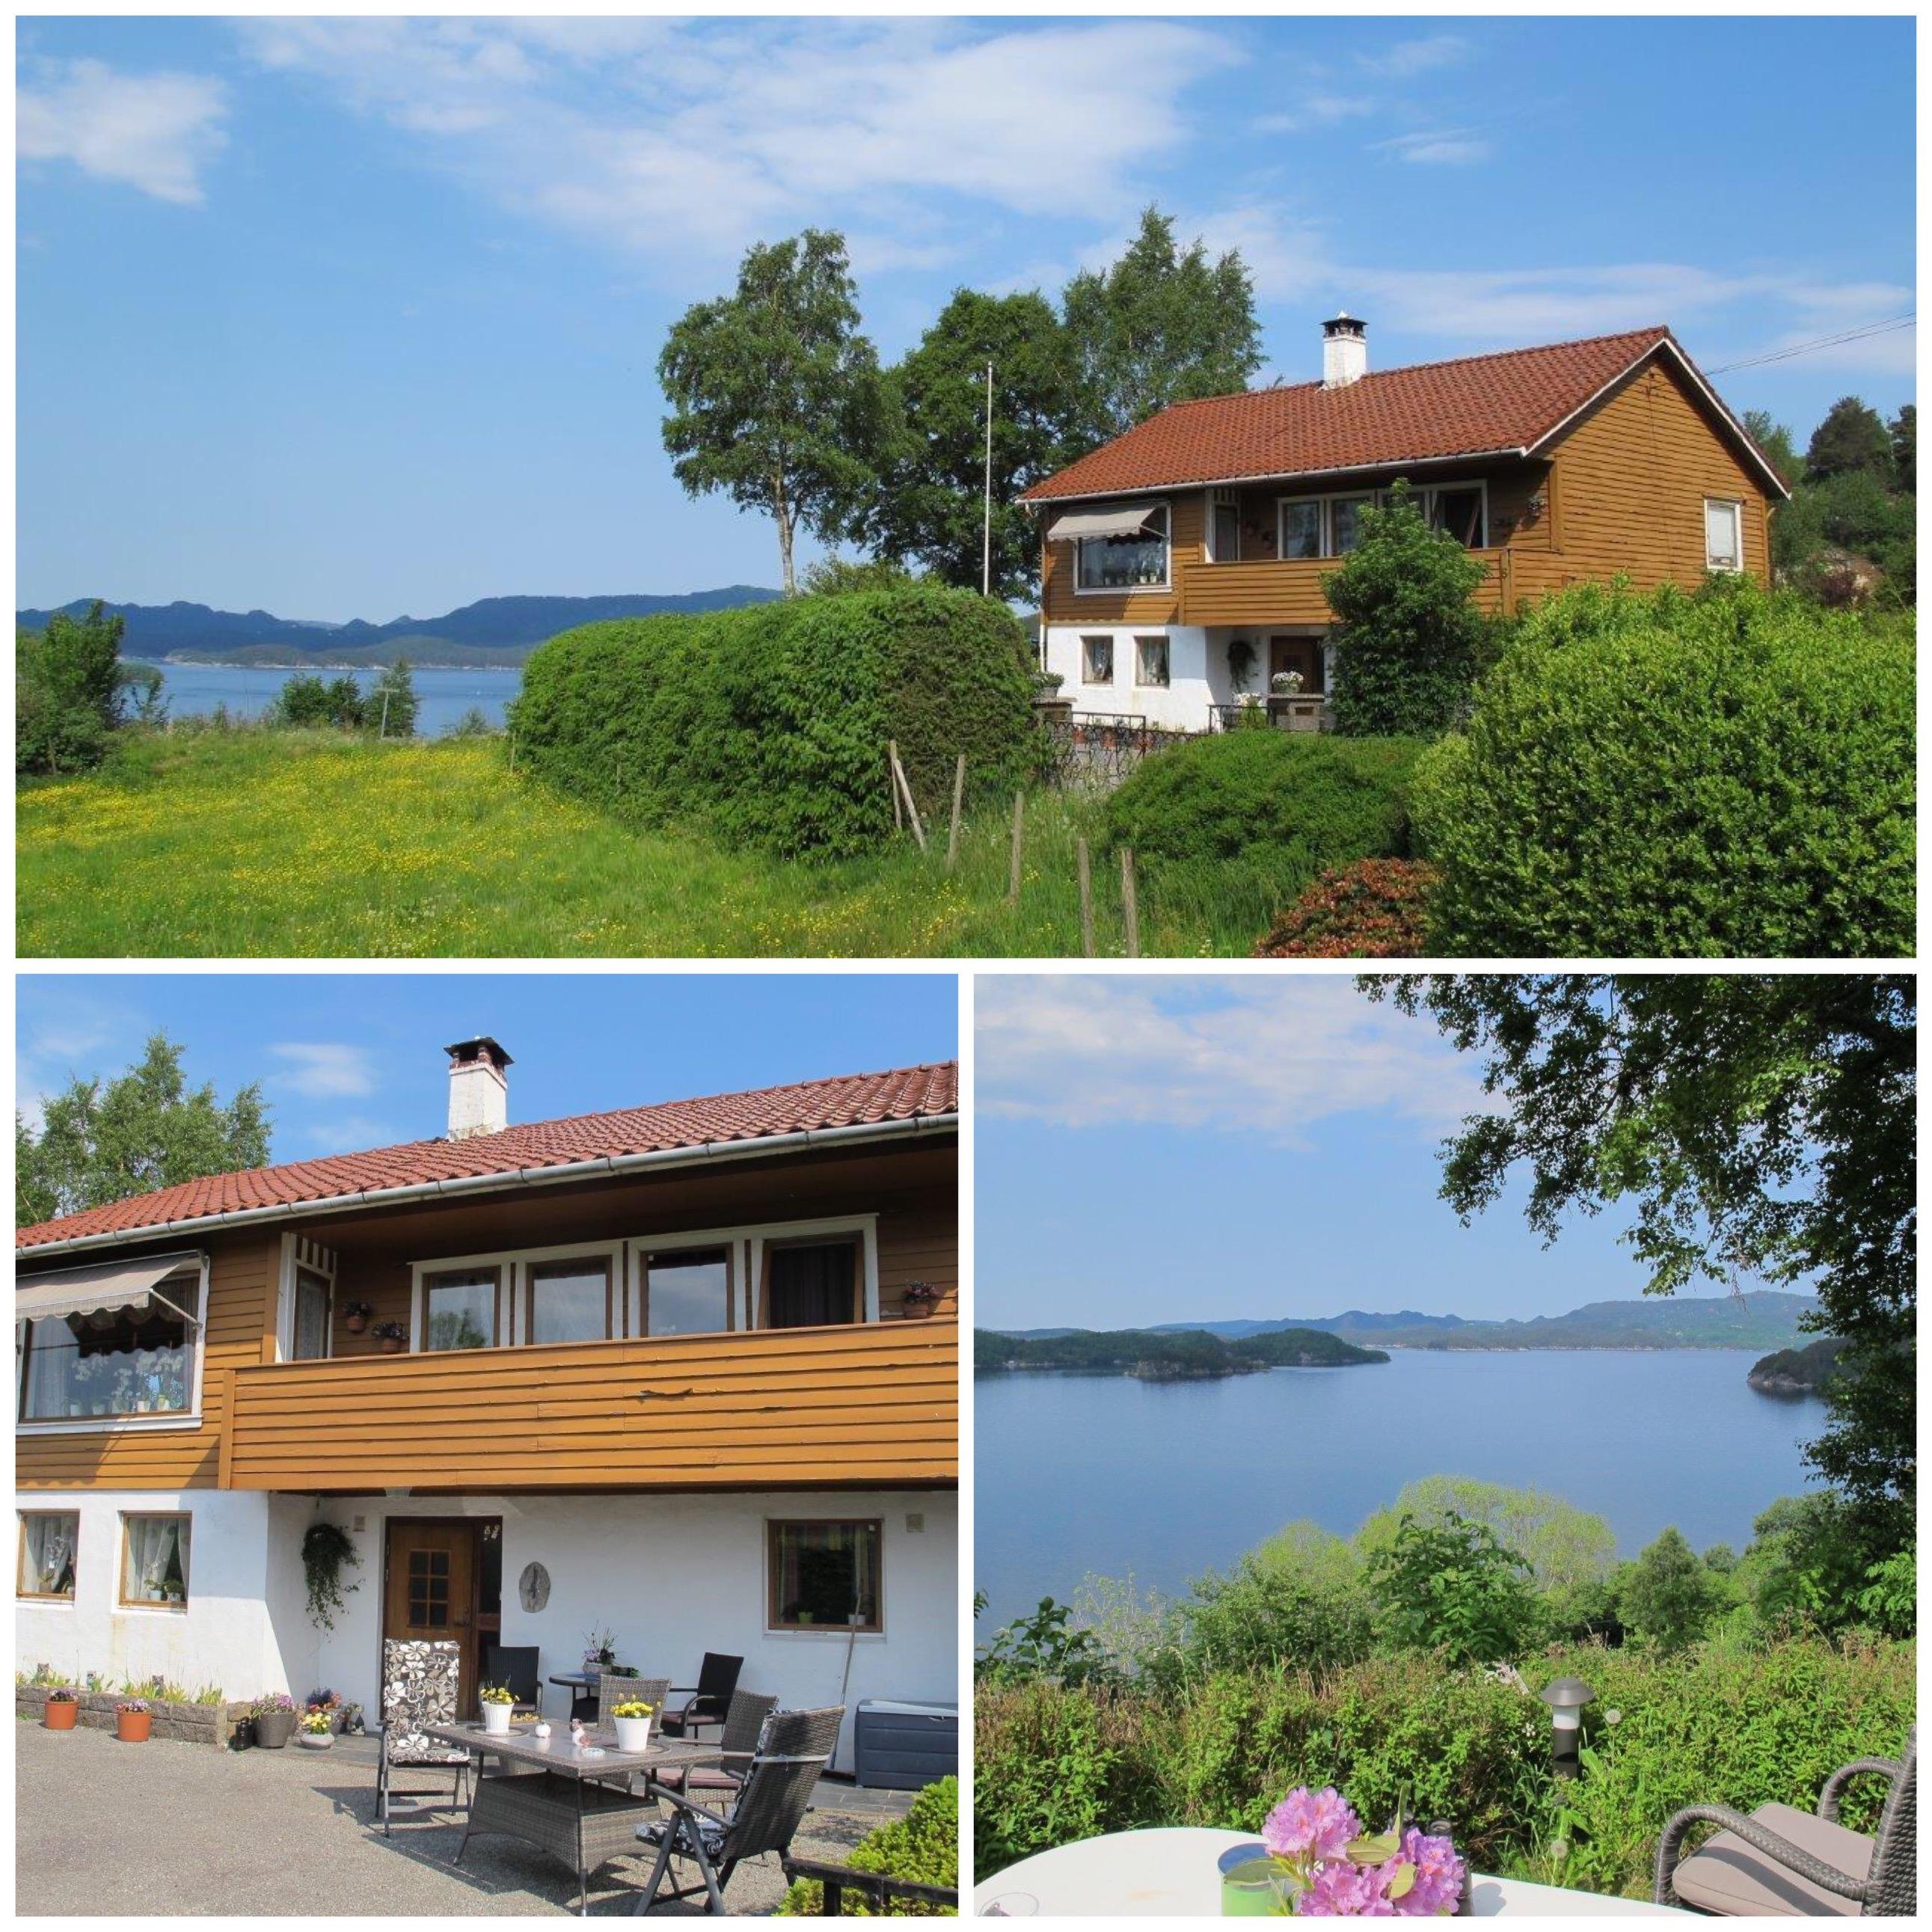 Aktuelles von Tysnes - Angeln, Bootsverleih und Ferienhaus auf ...